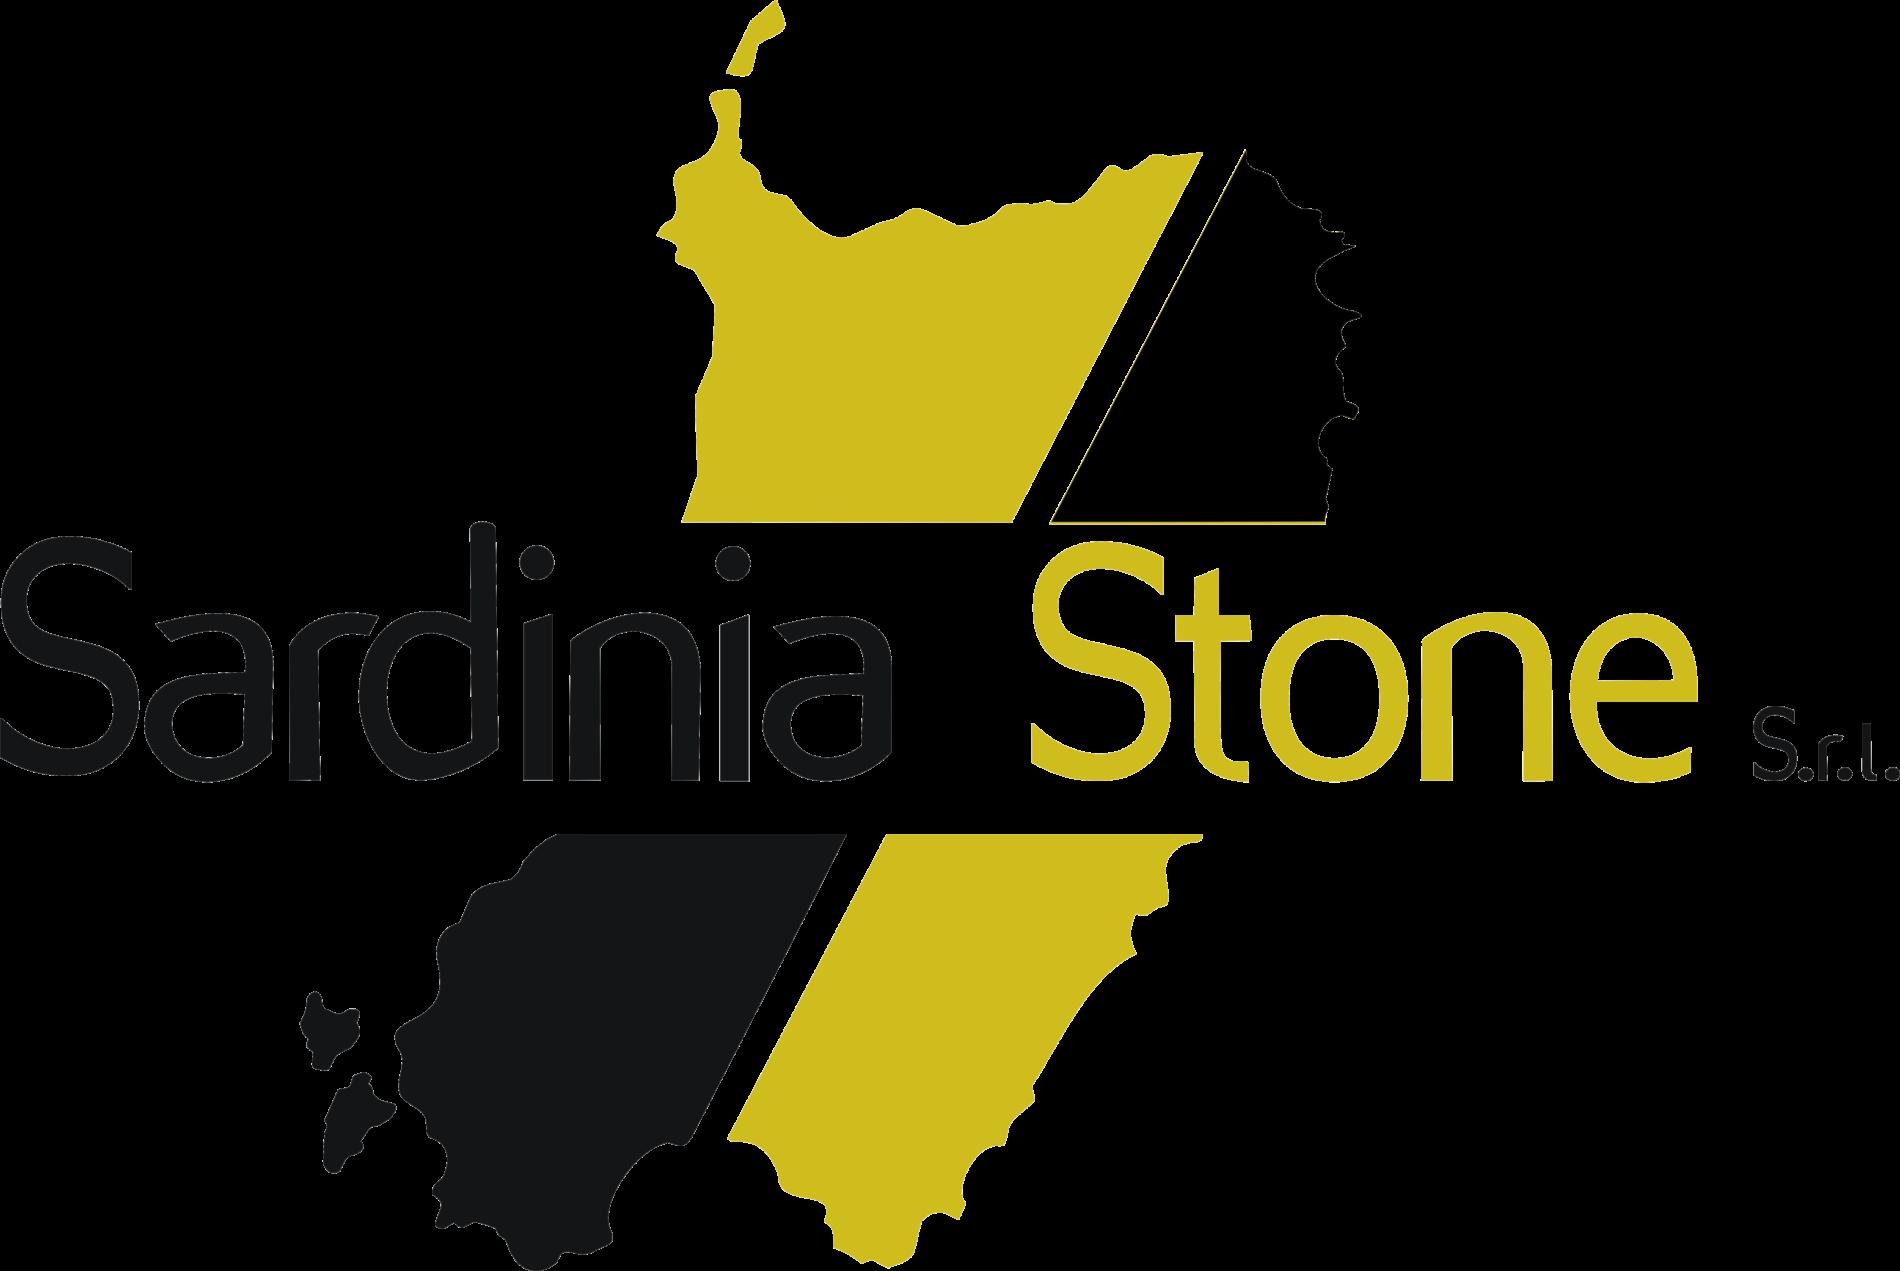 Sardinia Stone